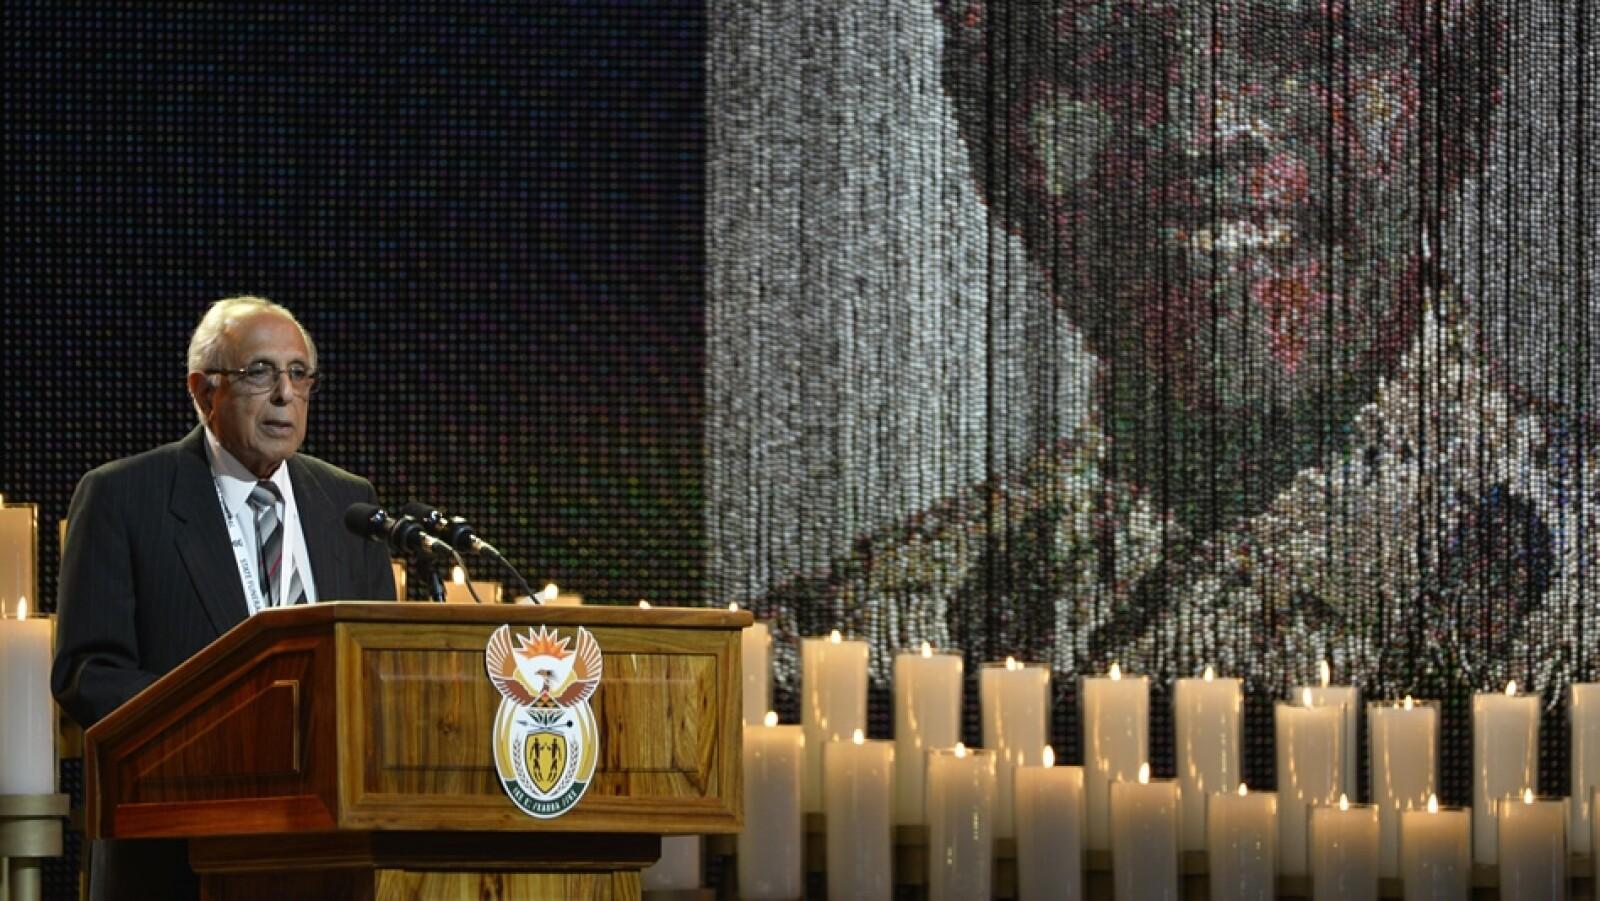 amigo cercano Nelson Mandela funeral domingo